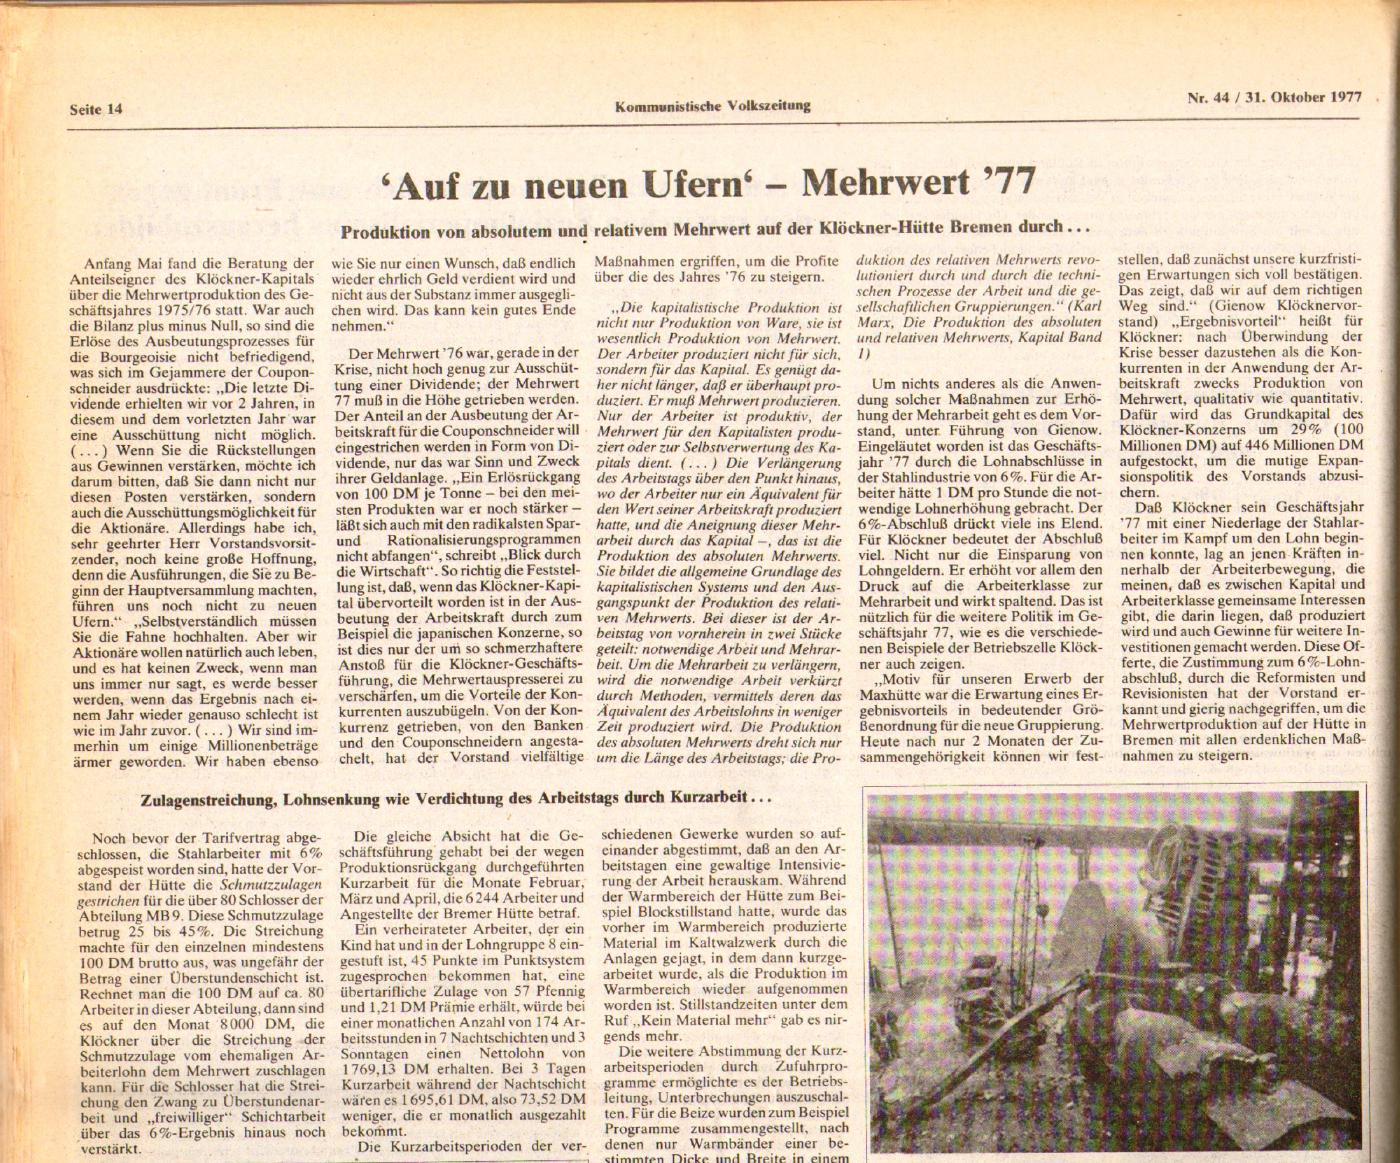 KVZ_Nord_1977_44_27